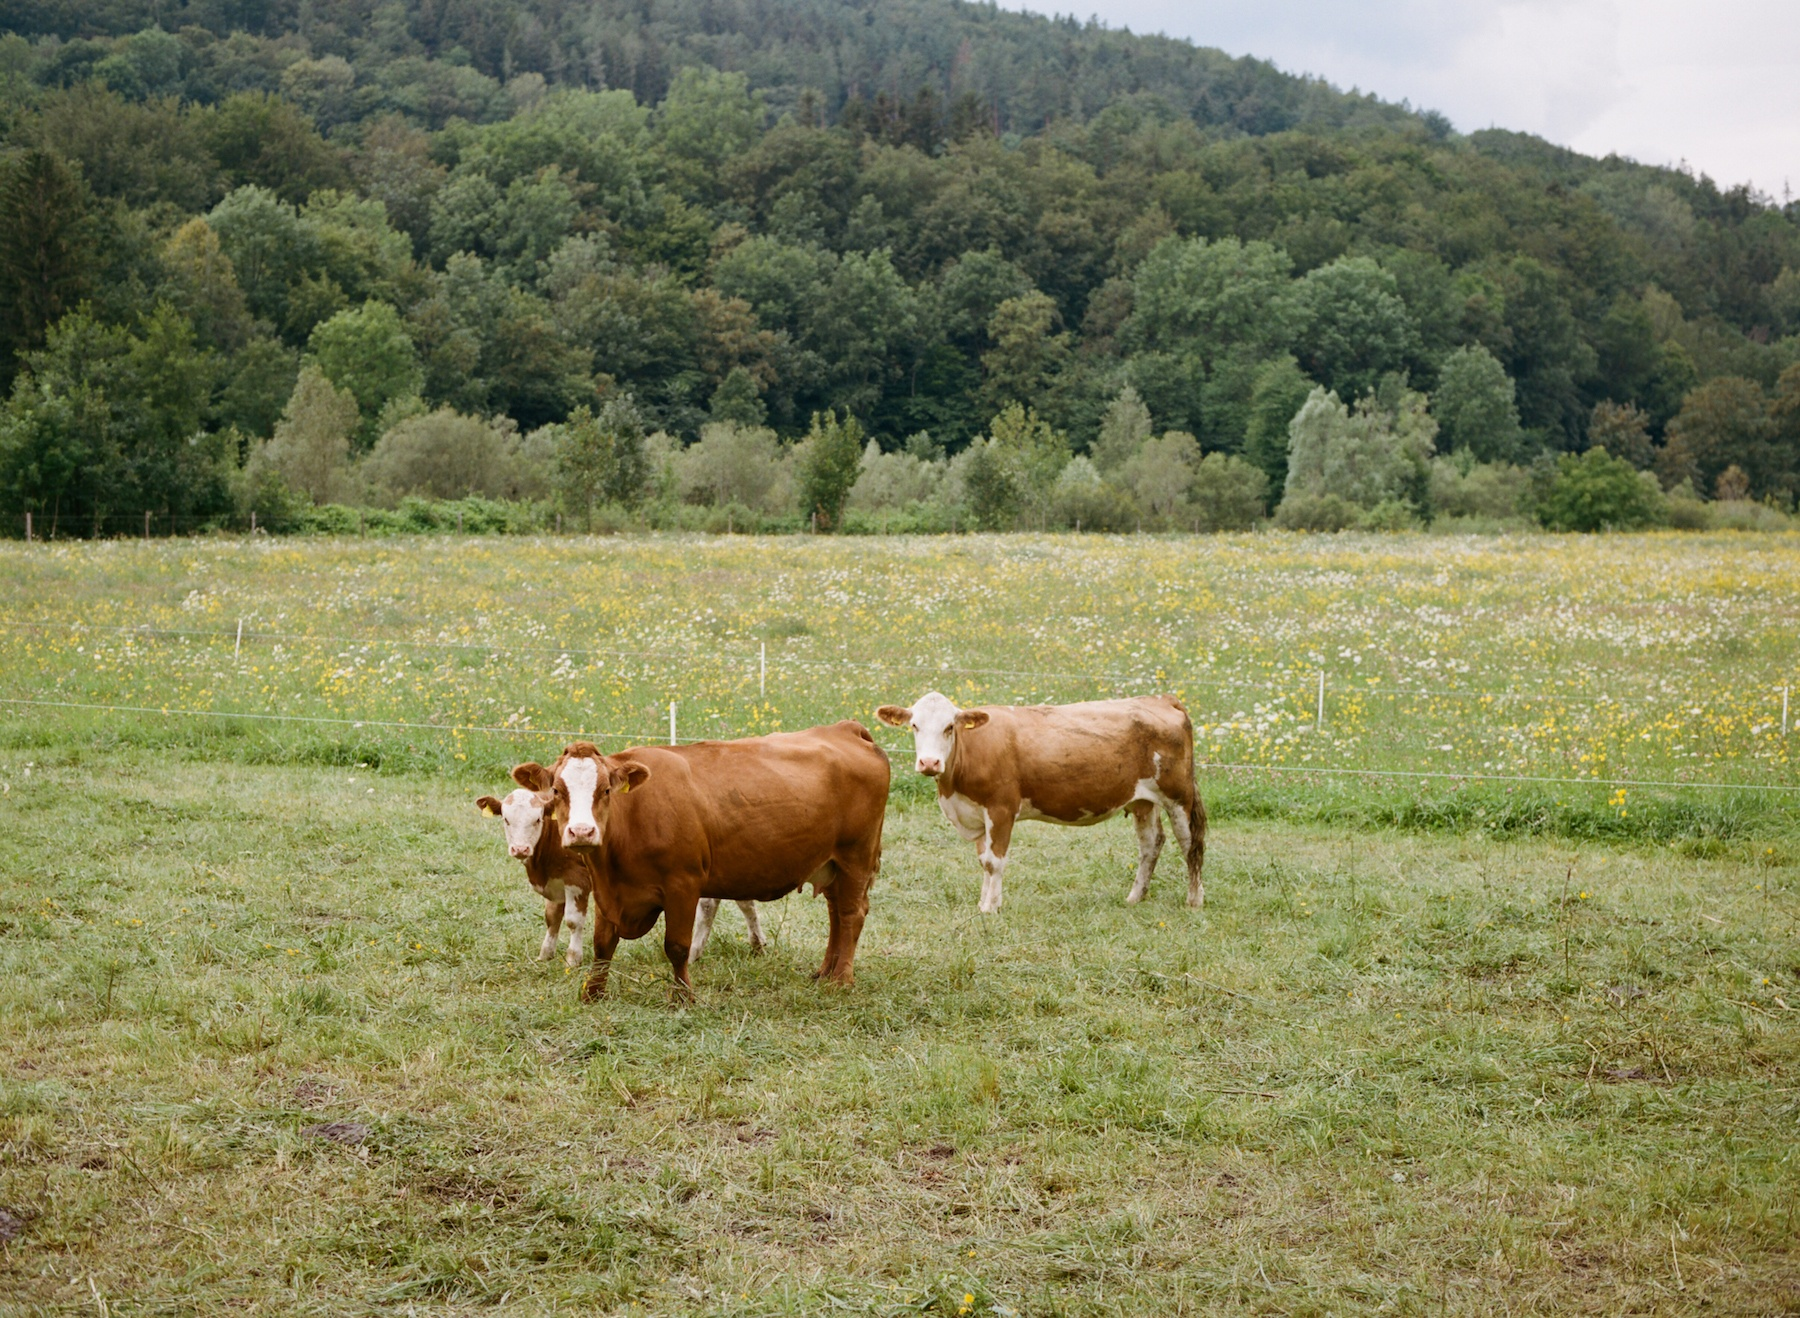 IGNANT-Travel-Best-Of-Road-Trips-Austria-Daniel-Gebhart-de-Koekkoek-03